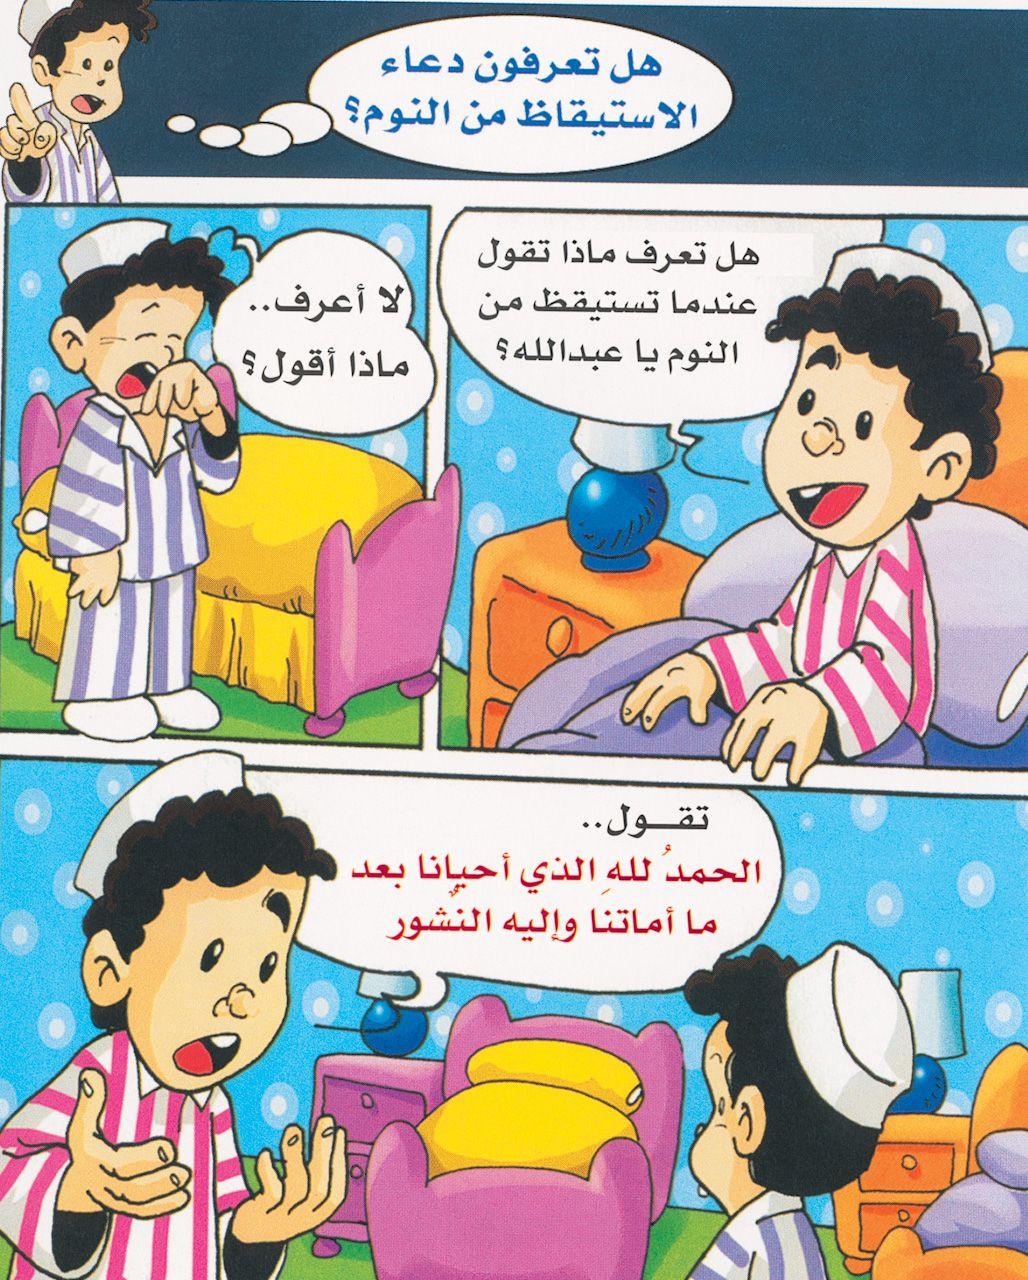 دعاء الاستقاظ من النوم Muslim Kids Activities Islamic Kids Activities Arabic Alphabet For Kids